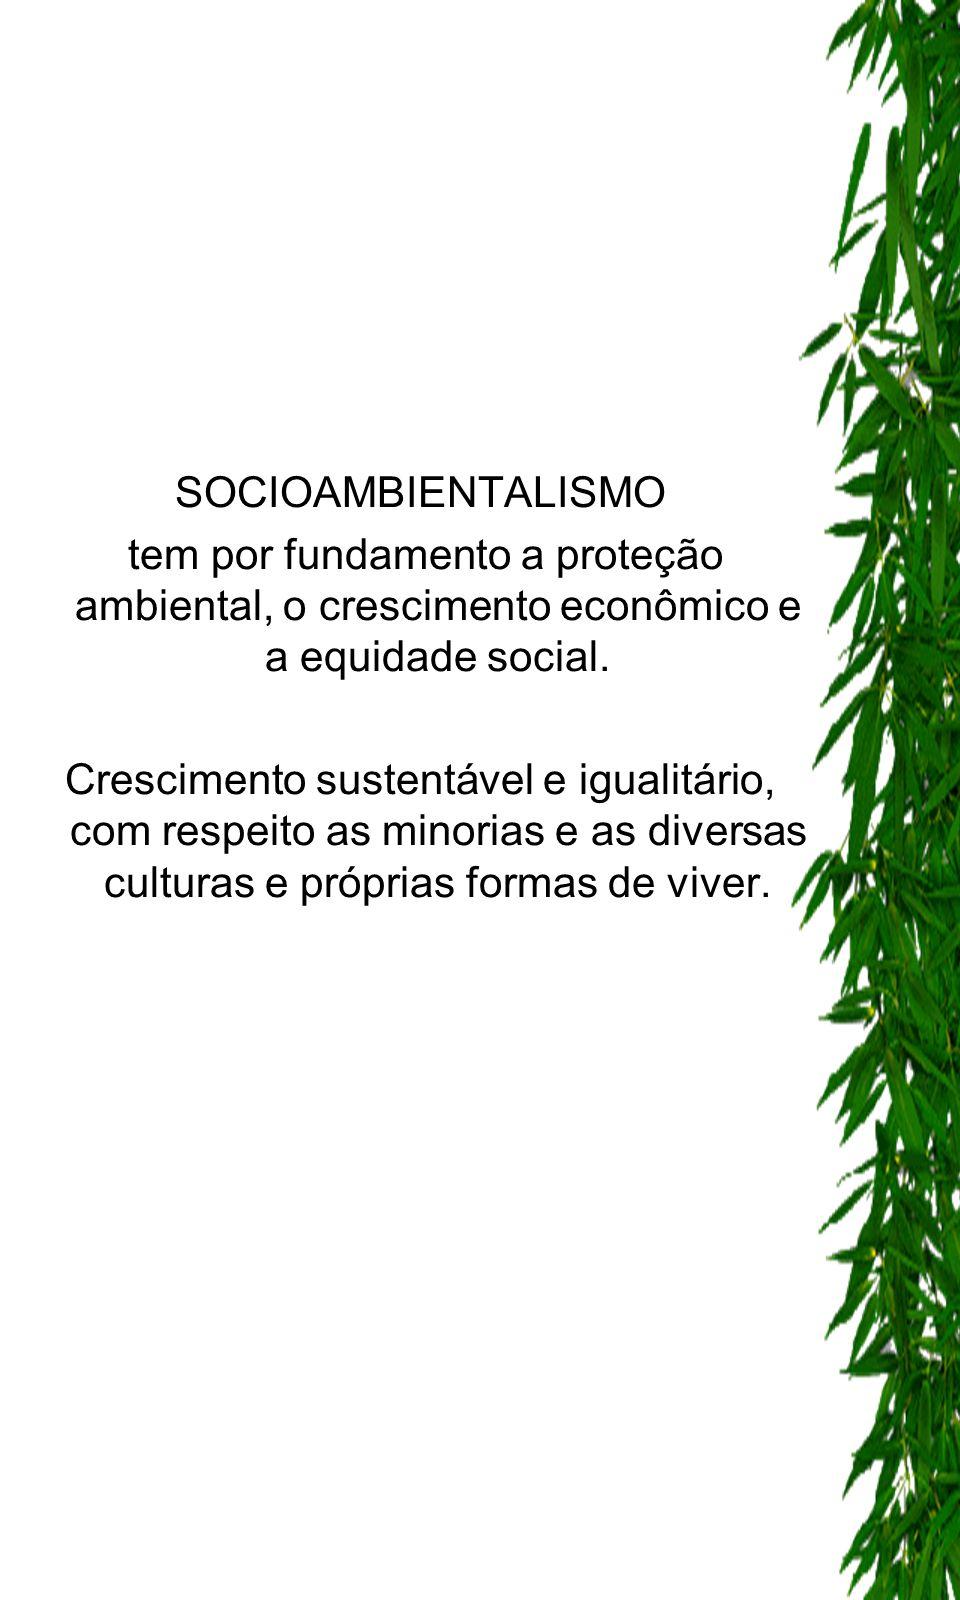 SOCIOAMBIENTALISMO tem por fundamento a proteção ambiental, o crescimento econômico e a equidade social.